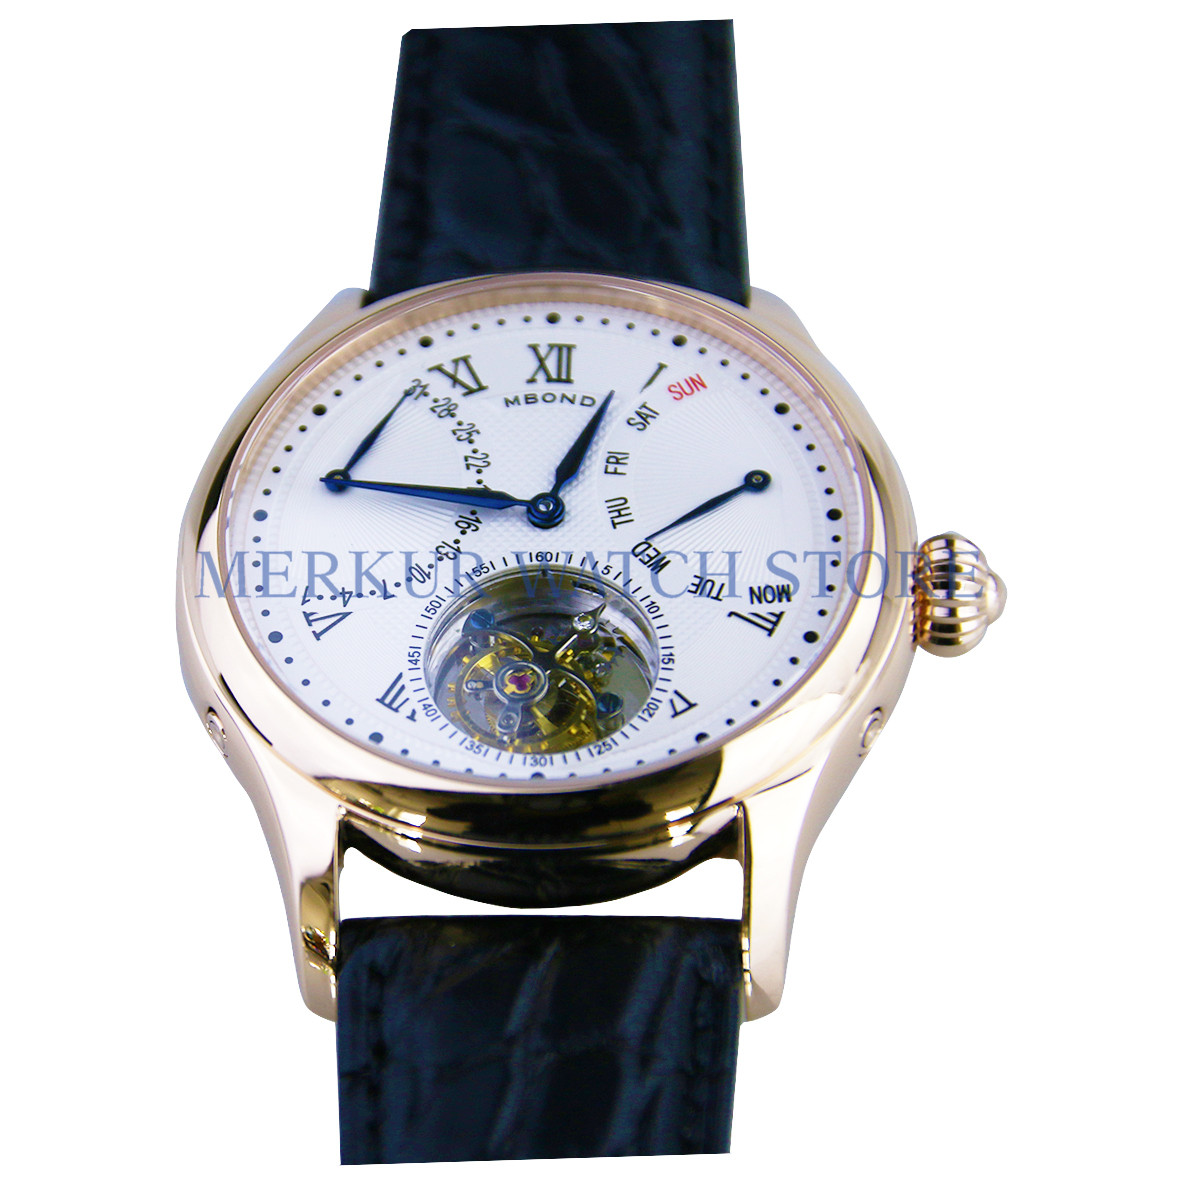 AD30 BOND Mens Watch Mechanical Seagull ST8004 Tourbillon Movment Dress Day Date Week Luxury gold case